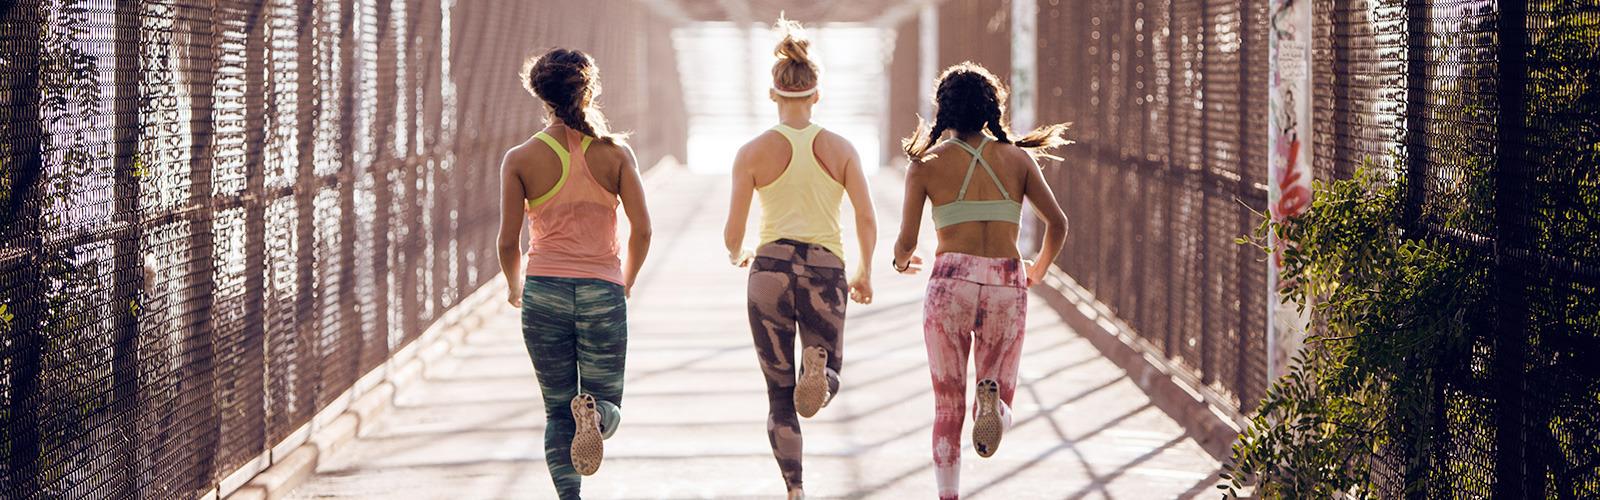 Drei joggende Frauen, von hinten aufgenommen.